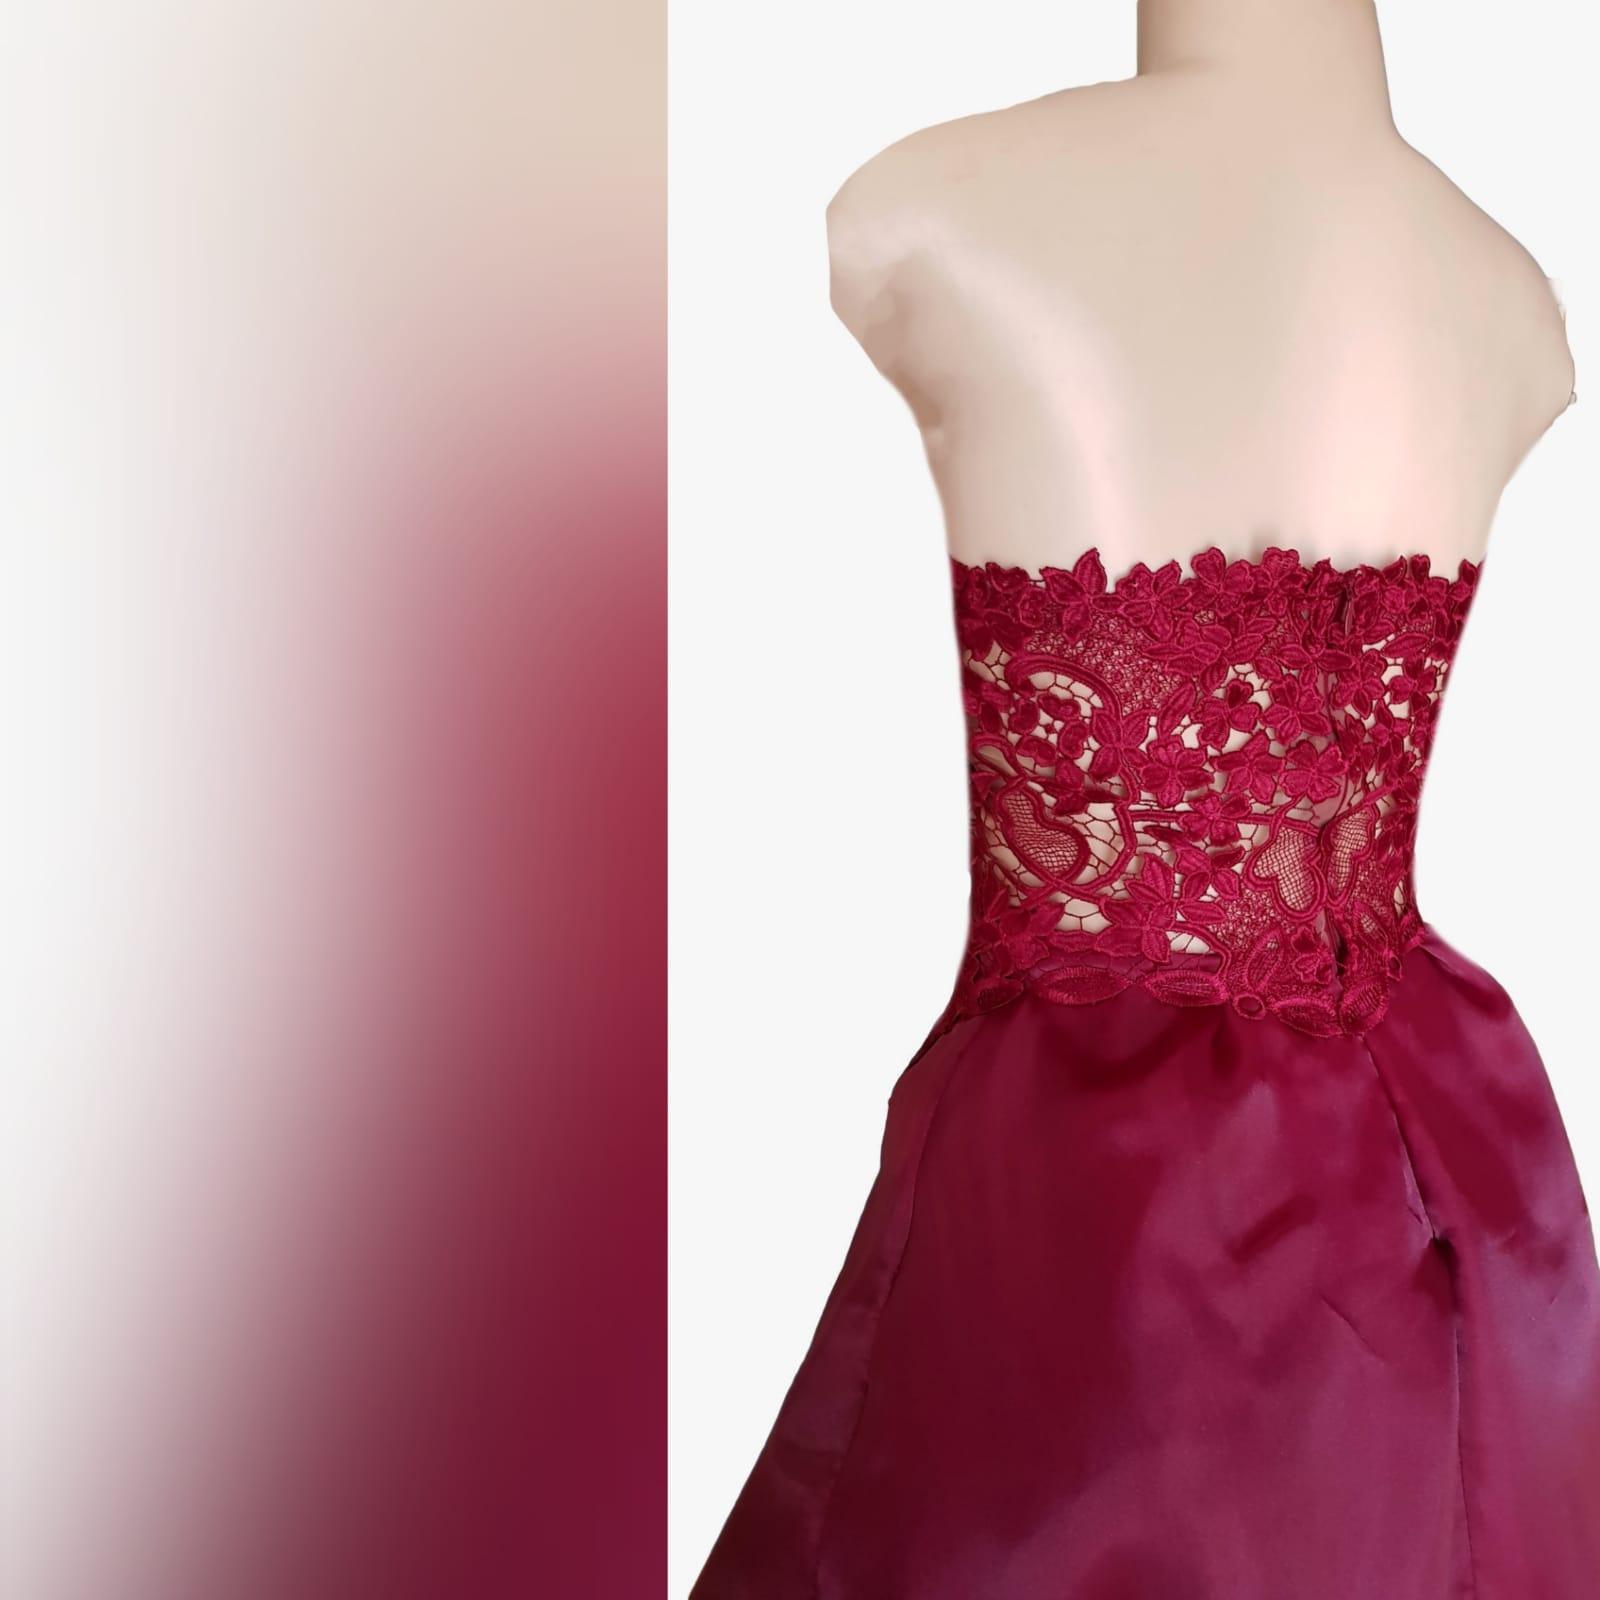 Vestido de finalistas vermelho escuro 5 o vestido de finalistas vermelho escuro perfeito para a sua noite de finalistas, se você quiser um visual chic, mas adorável. Com um corpete de renda e um fundo de duas camadas alto-baixo esvoaçante para um efeito dramático.